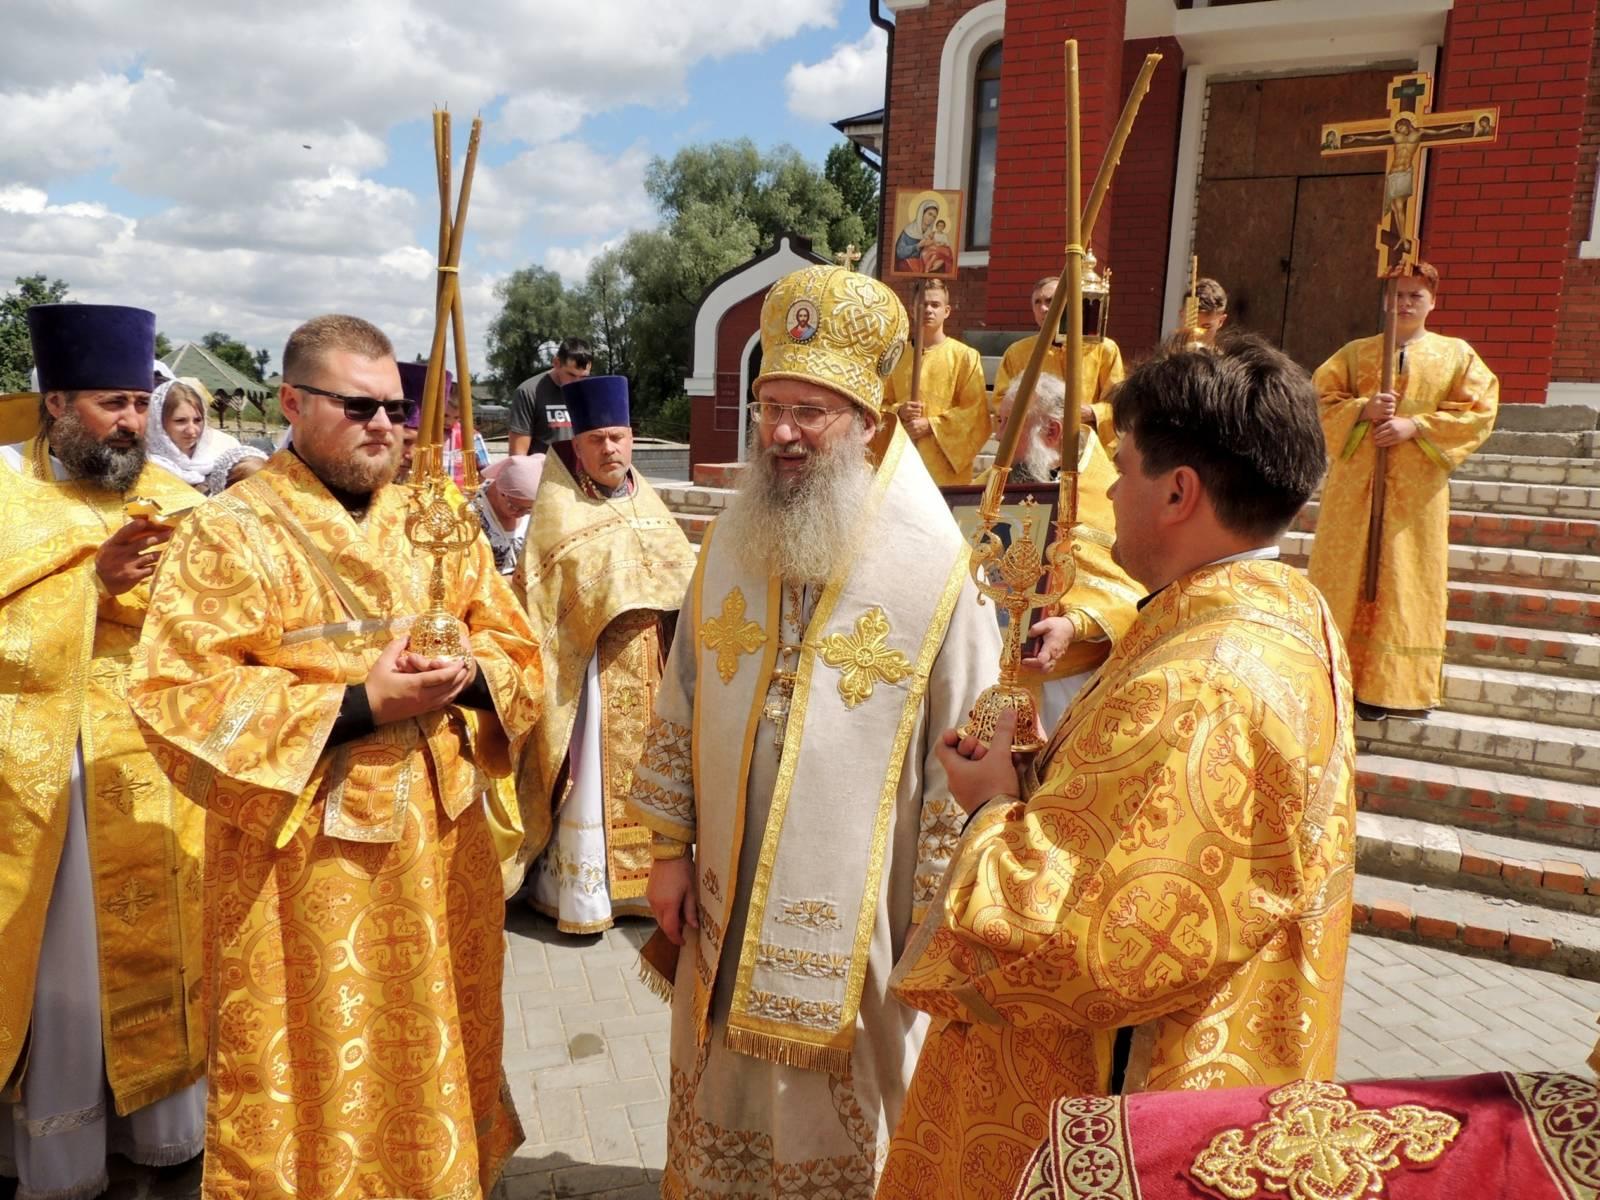 В День памяти Перенесение мощей свт. Феофана Затворника Вышенского.